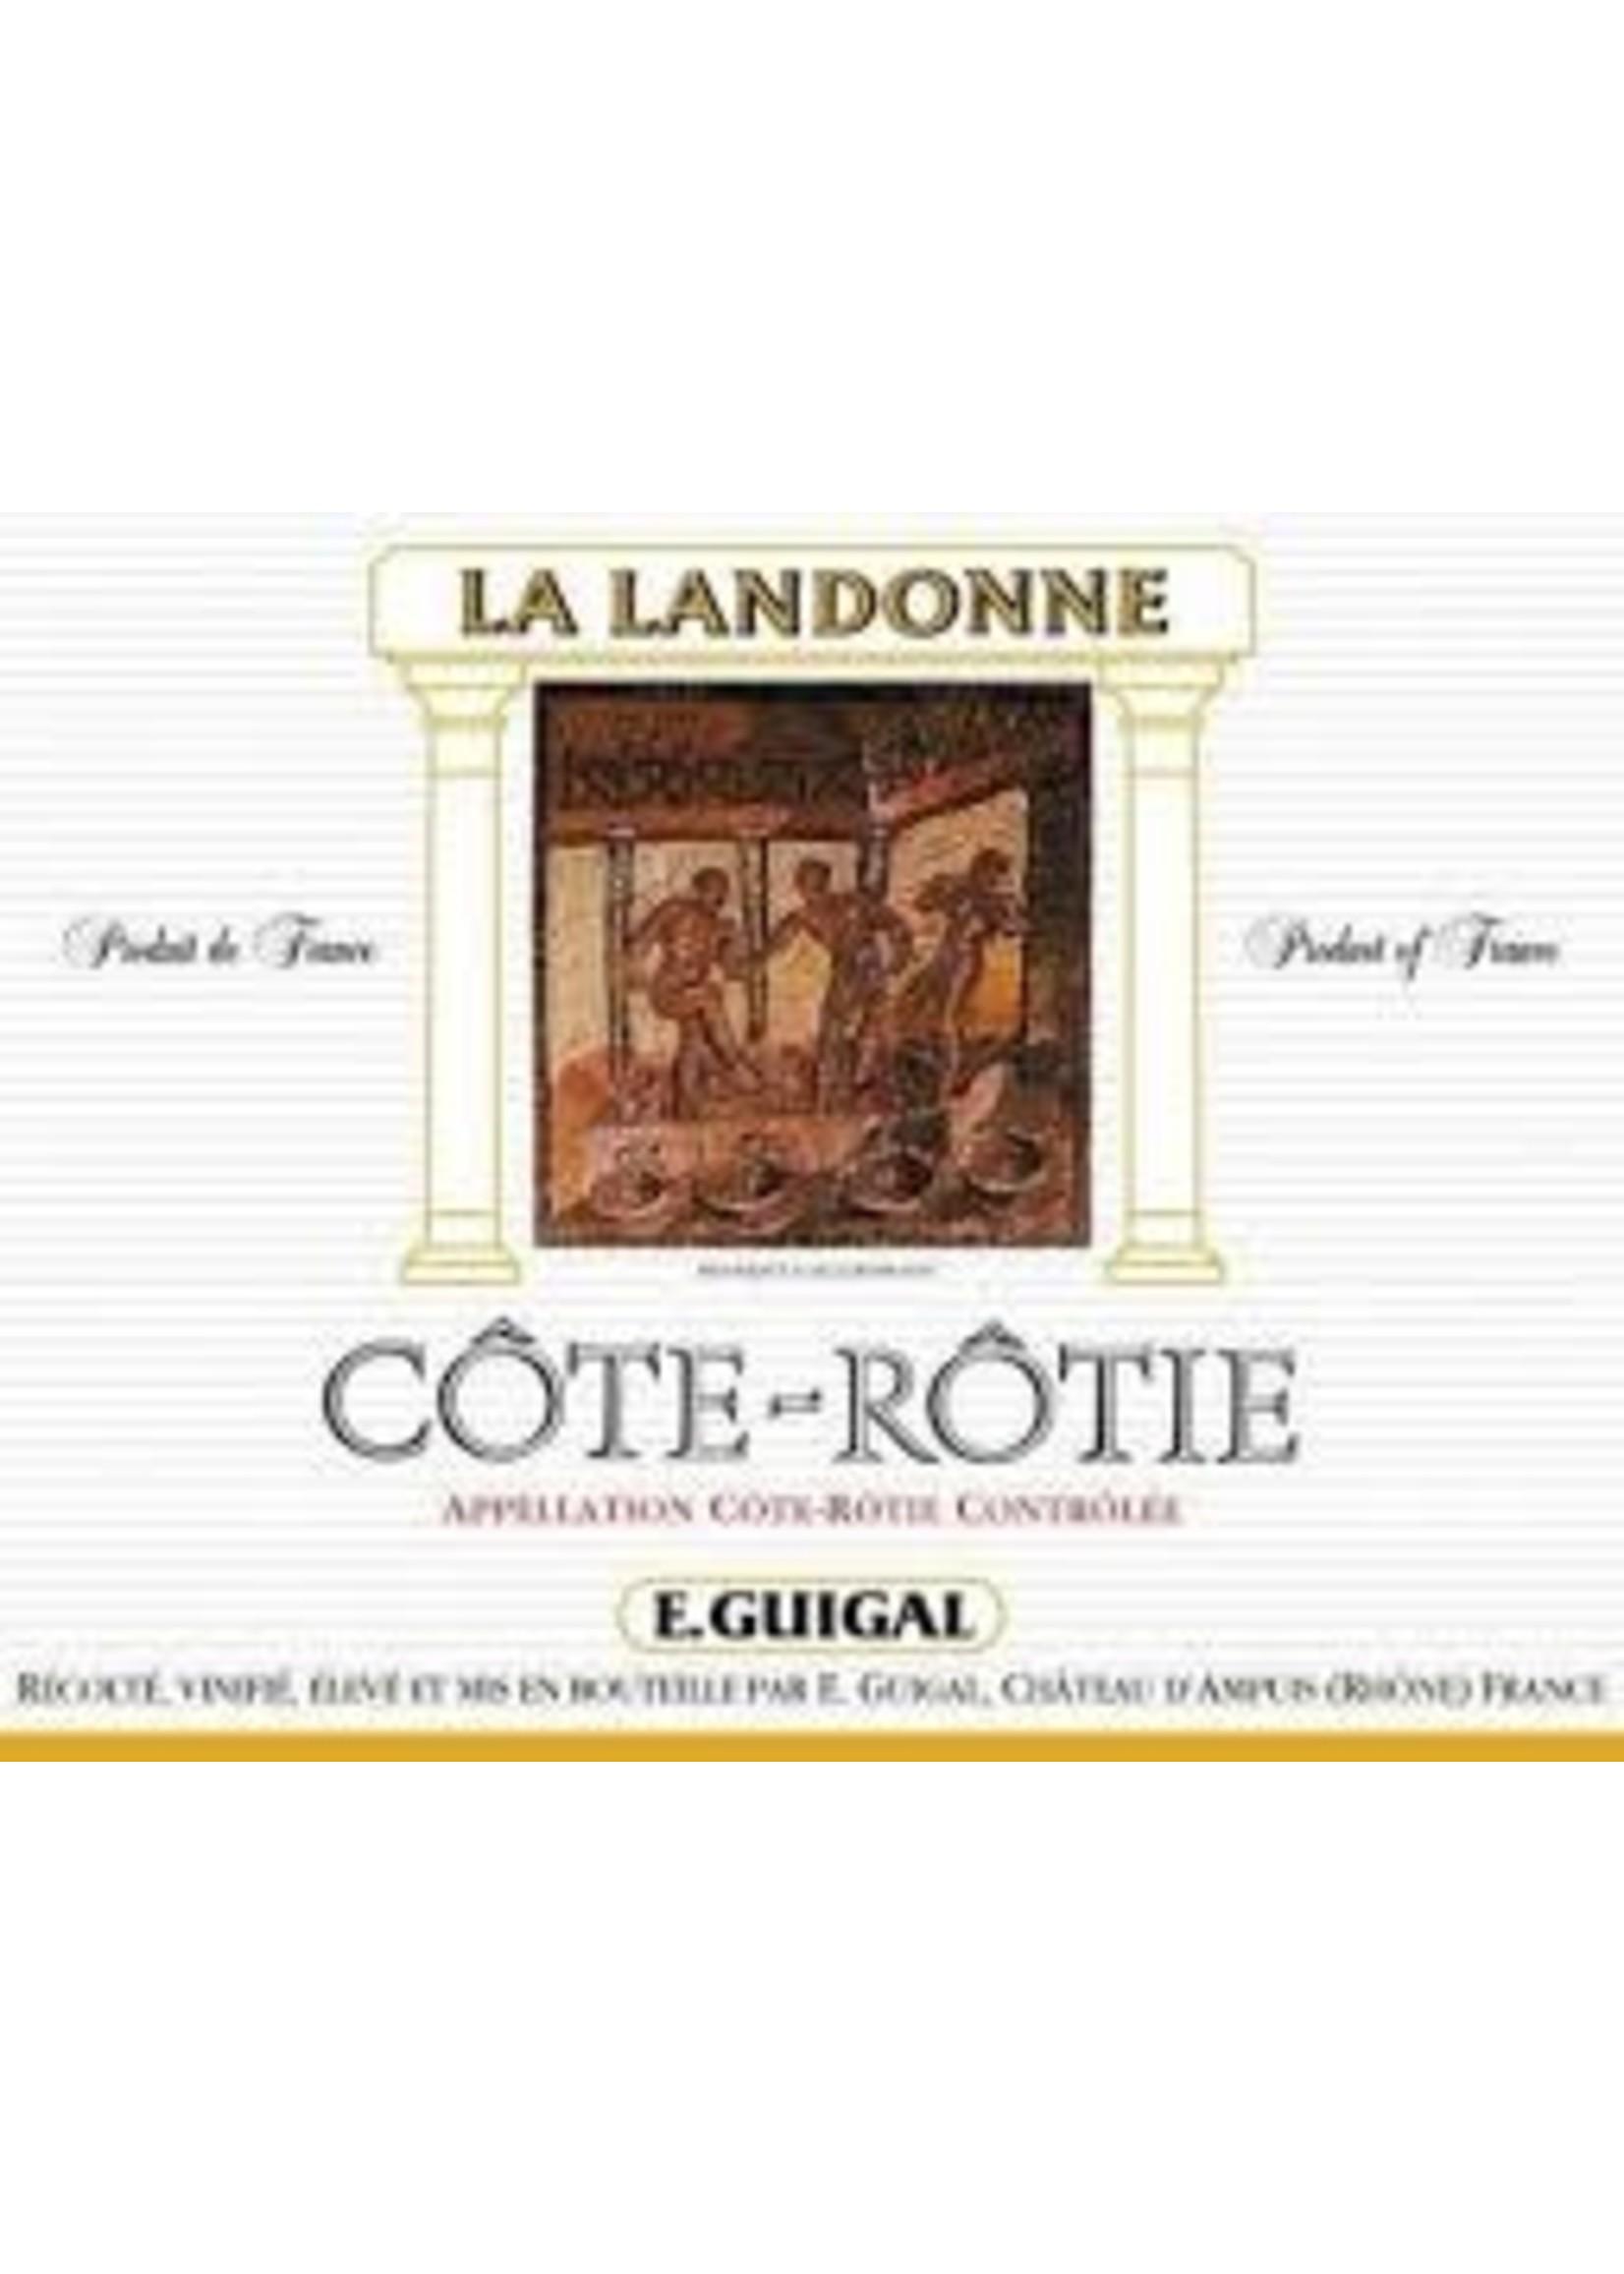 E. Guigal 2009 Cote Rotie La Landonne 750ml [PRE-ARRIVAL]